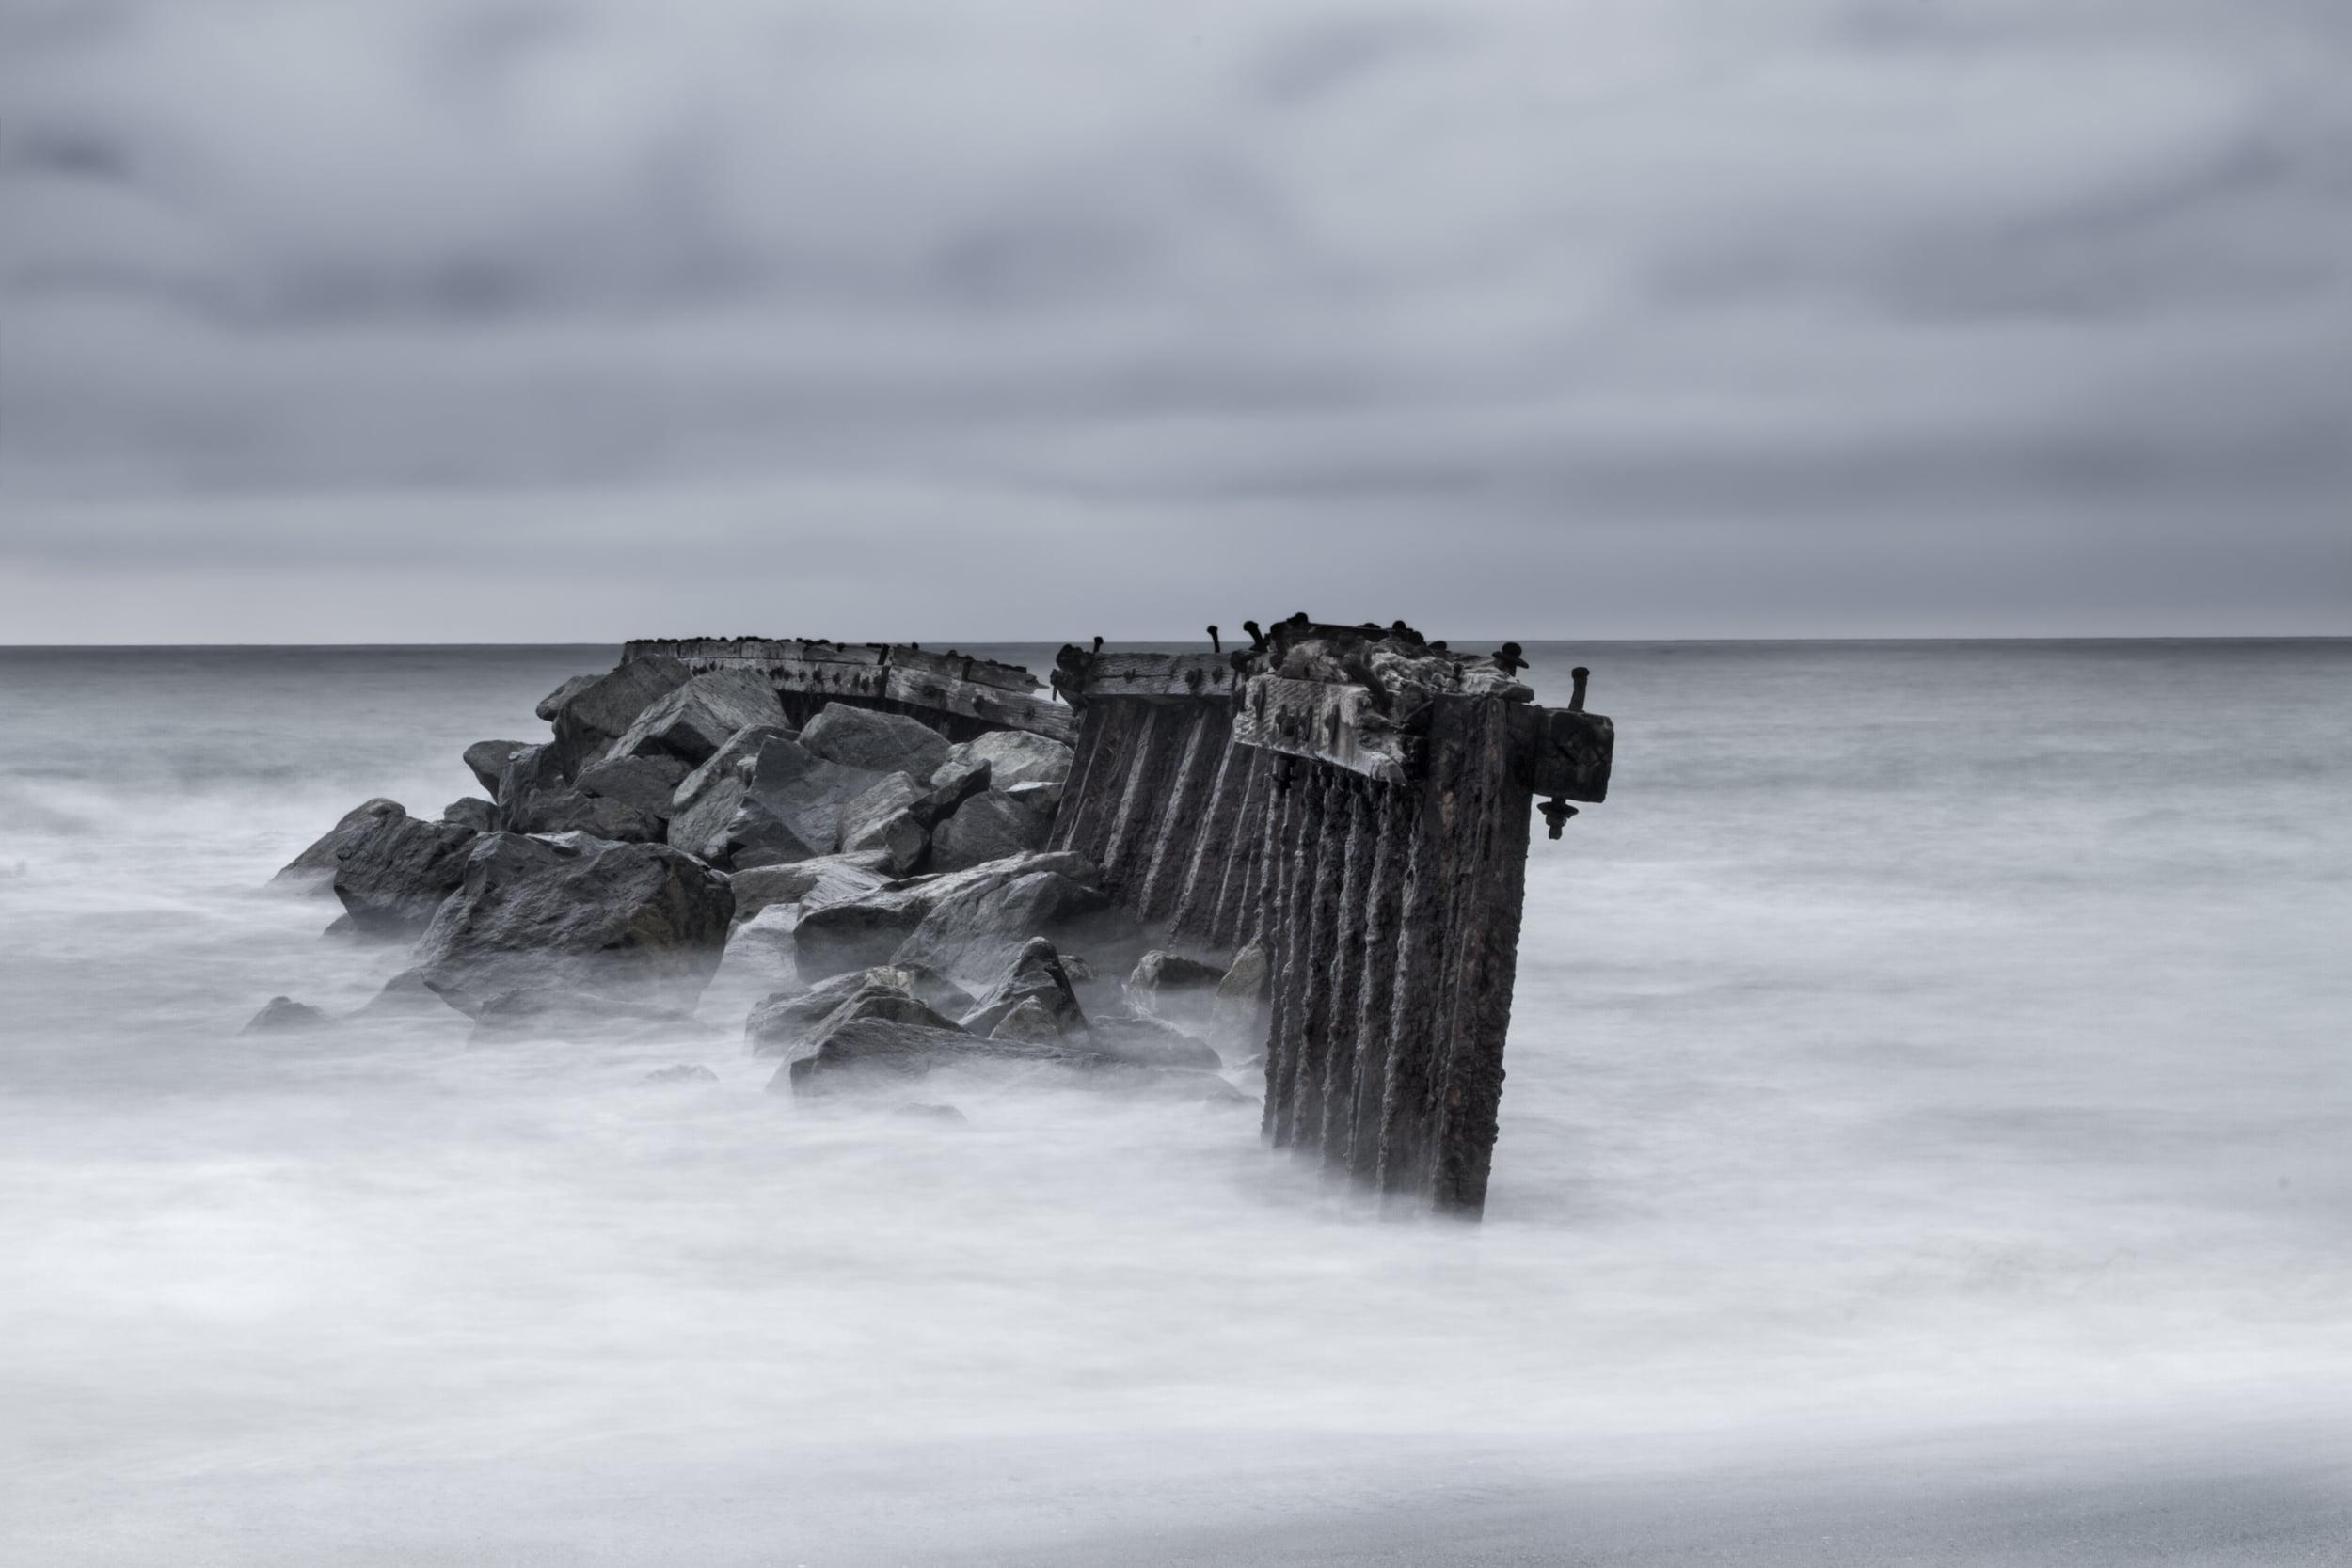 Abandoned Pier, Playa del Rey, CA